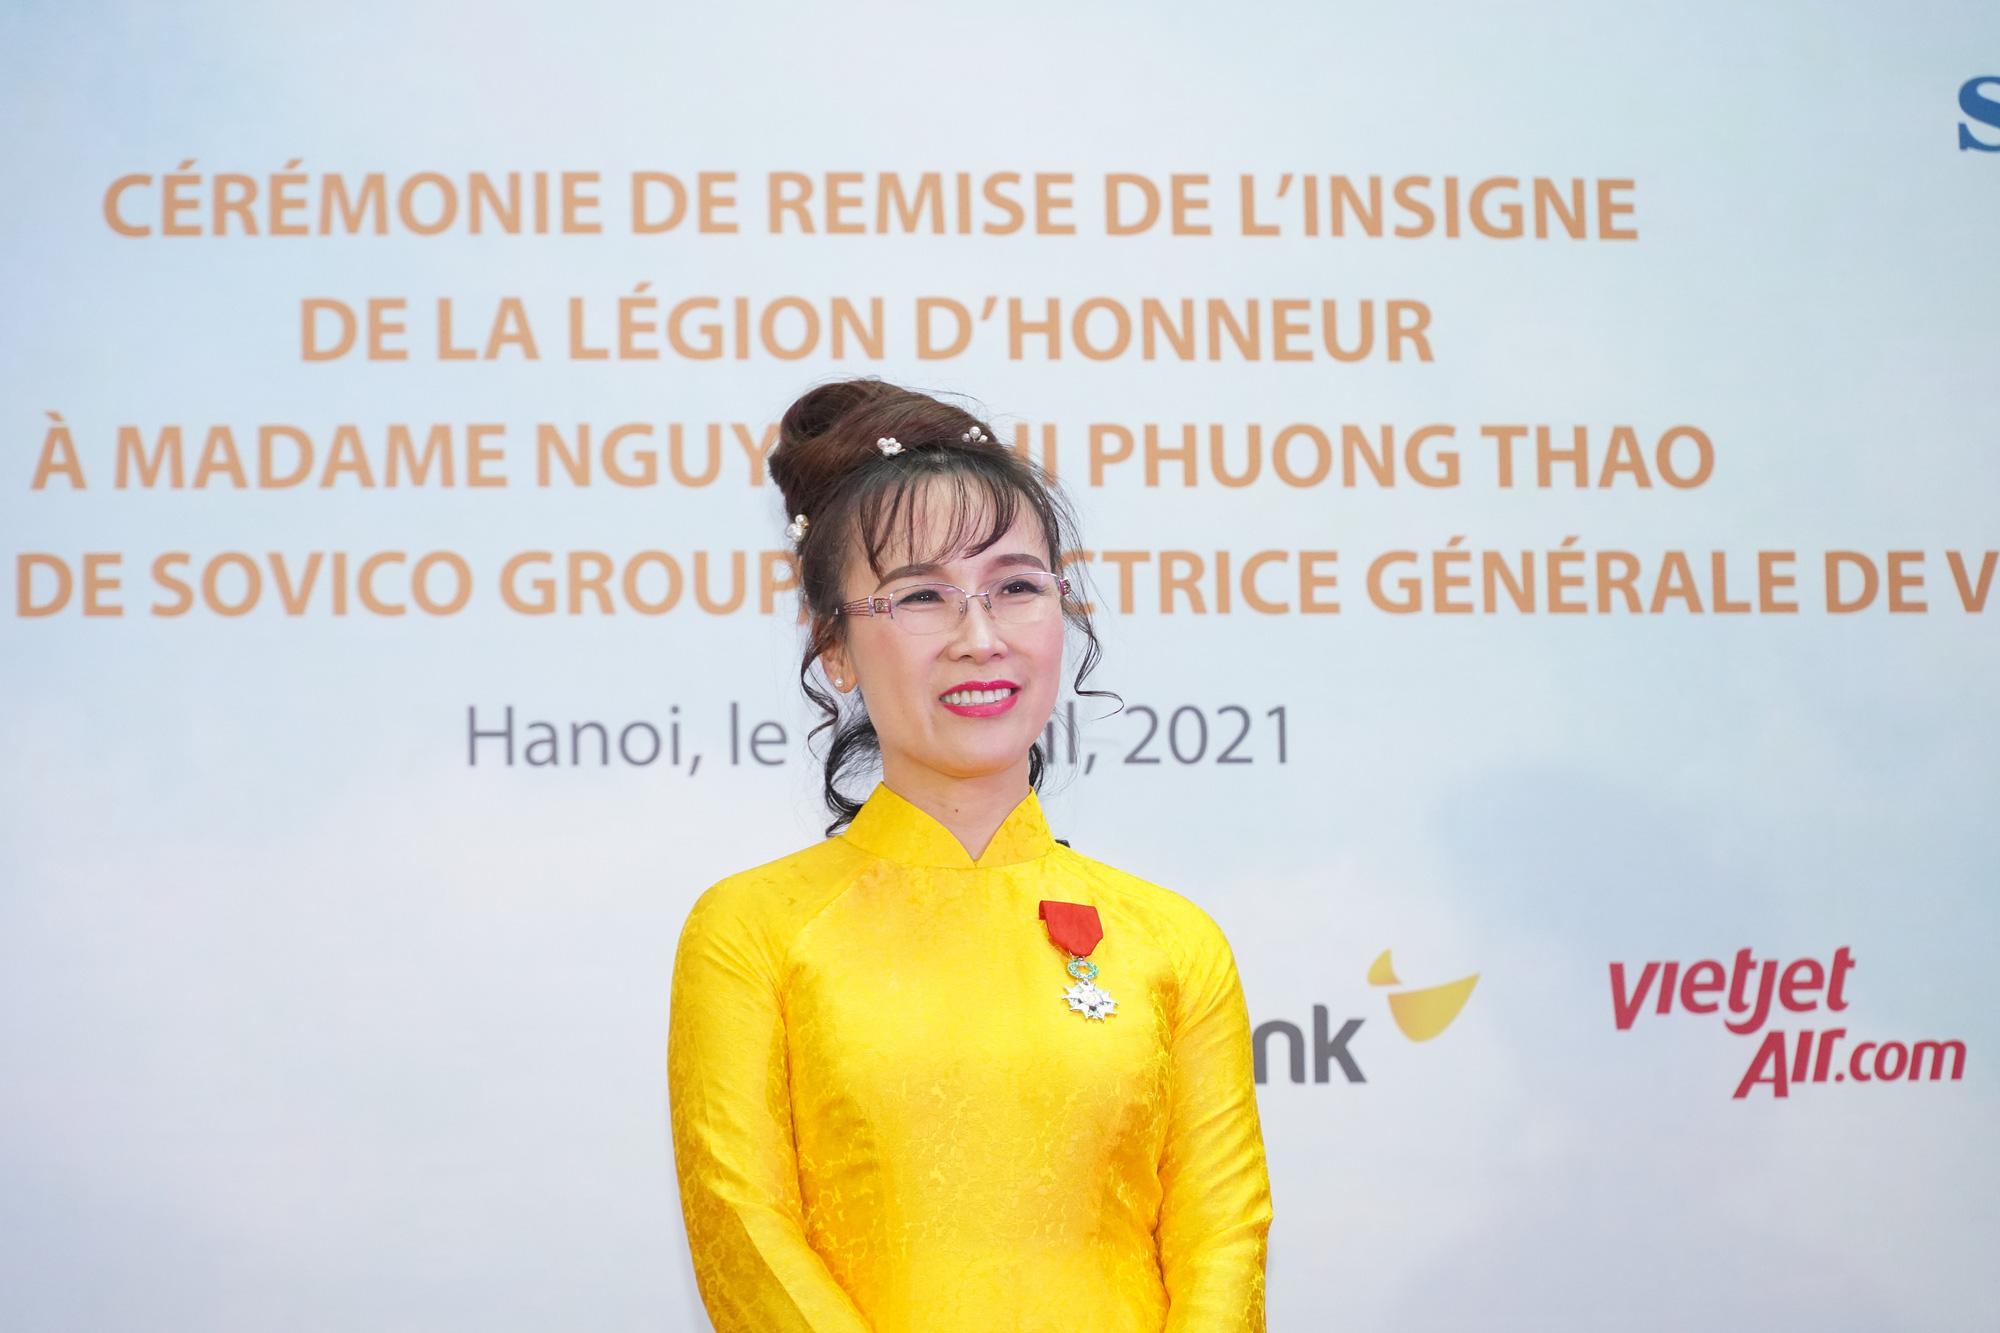 Nữ tỷ phú Nguyễn Thị Phương Thảo dành tặng Huân chương Bắc đẩu bội tinh cho 30.000 cán bộ nhân viên - Ảnh 1.